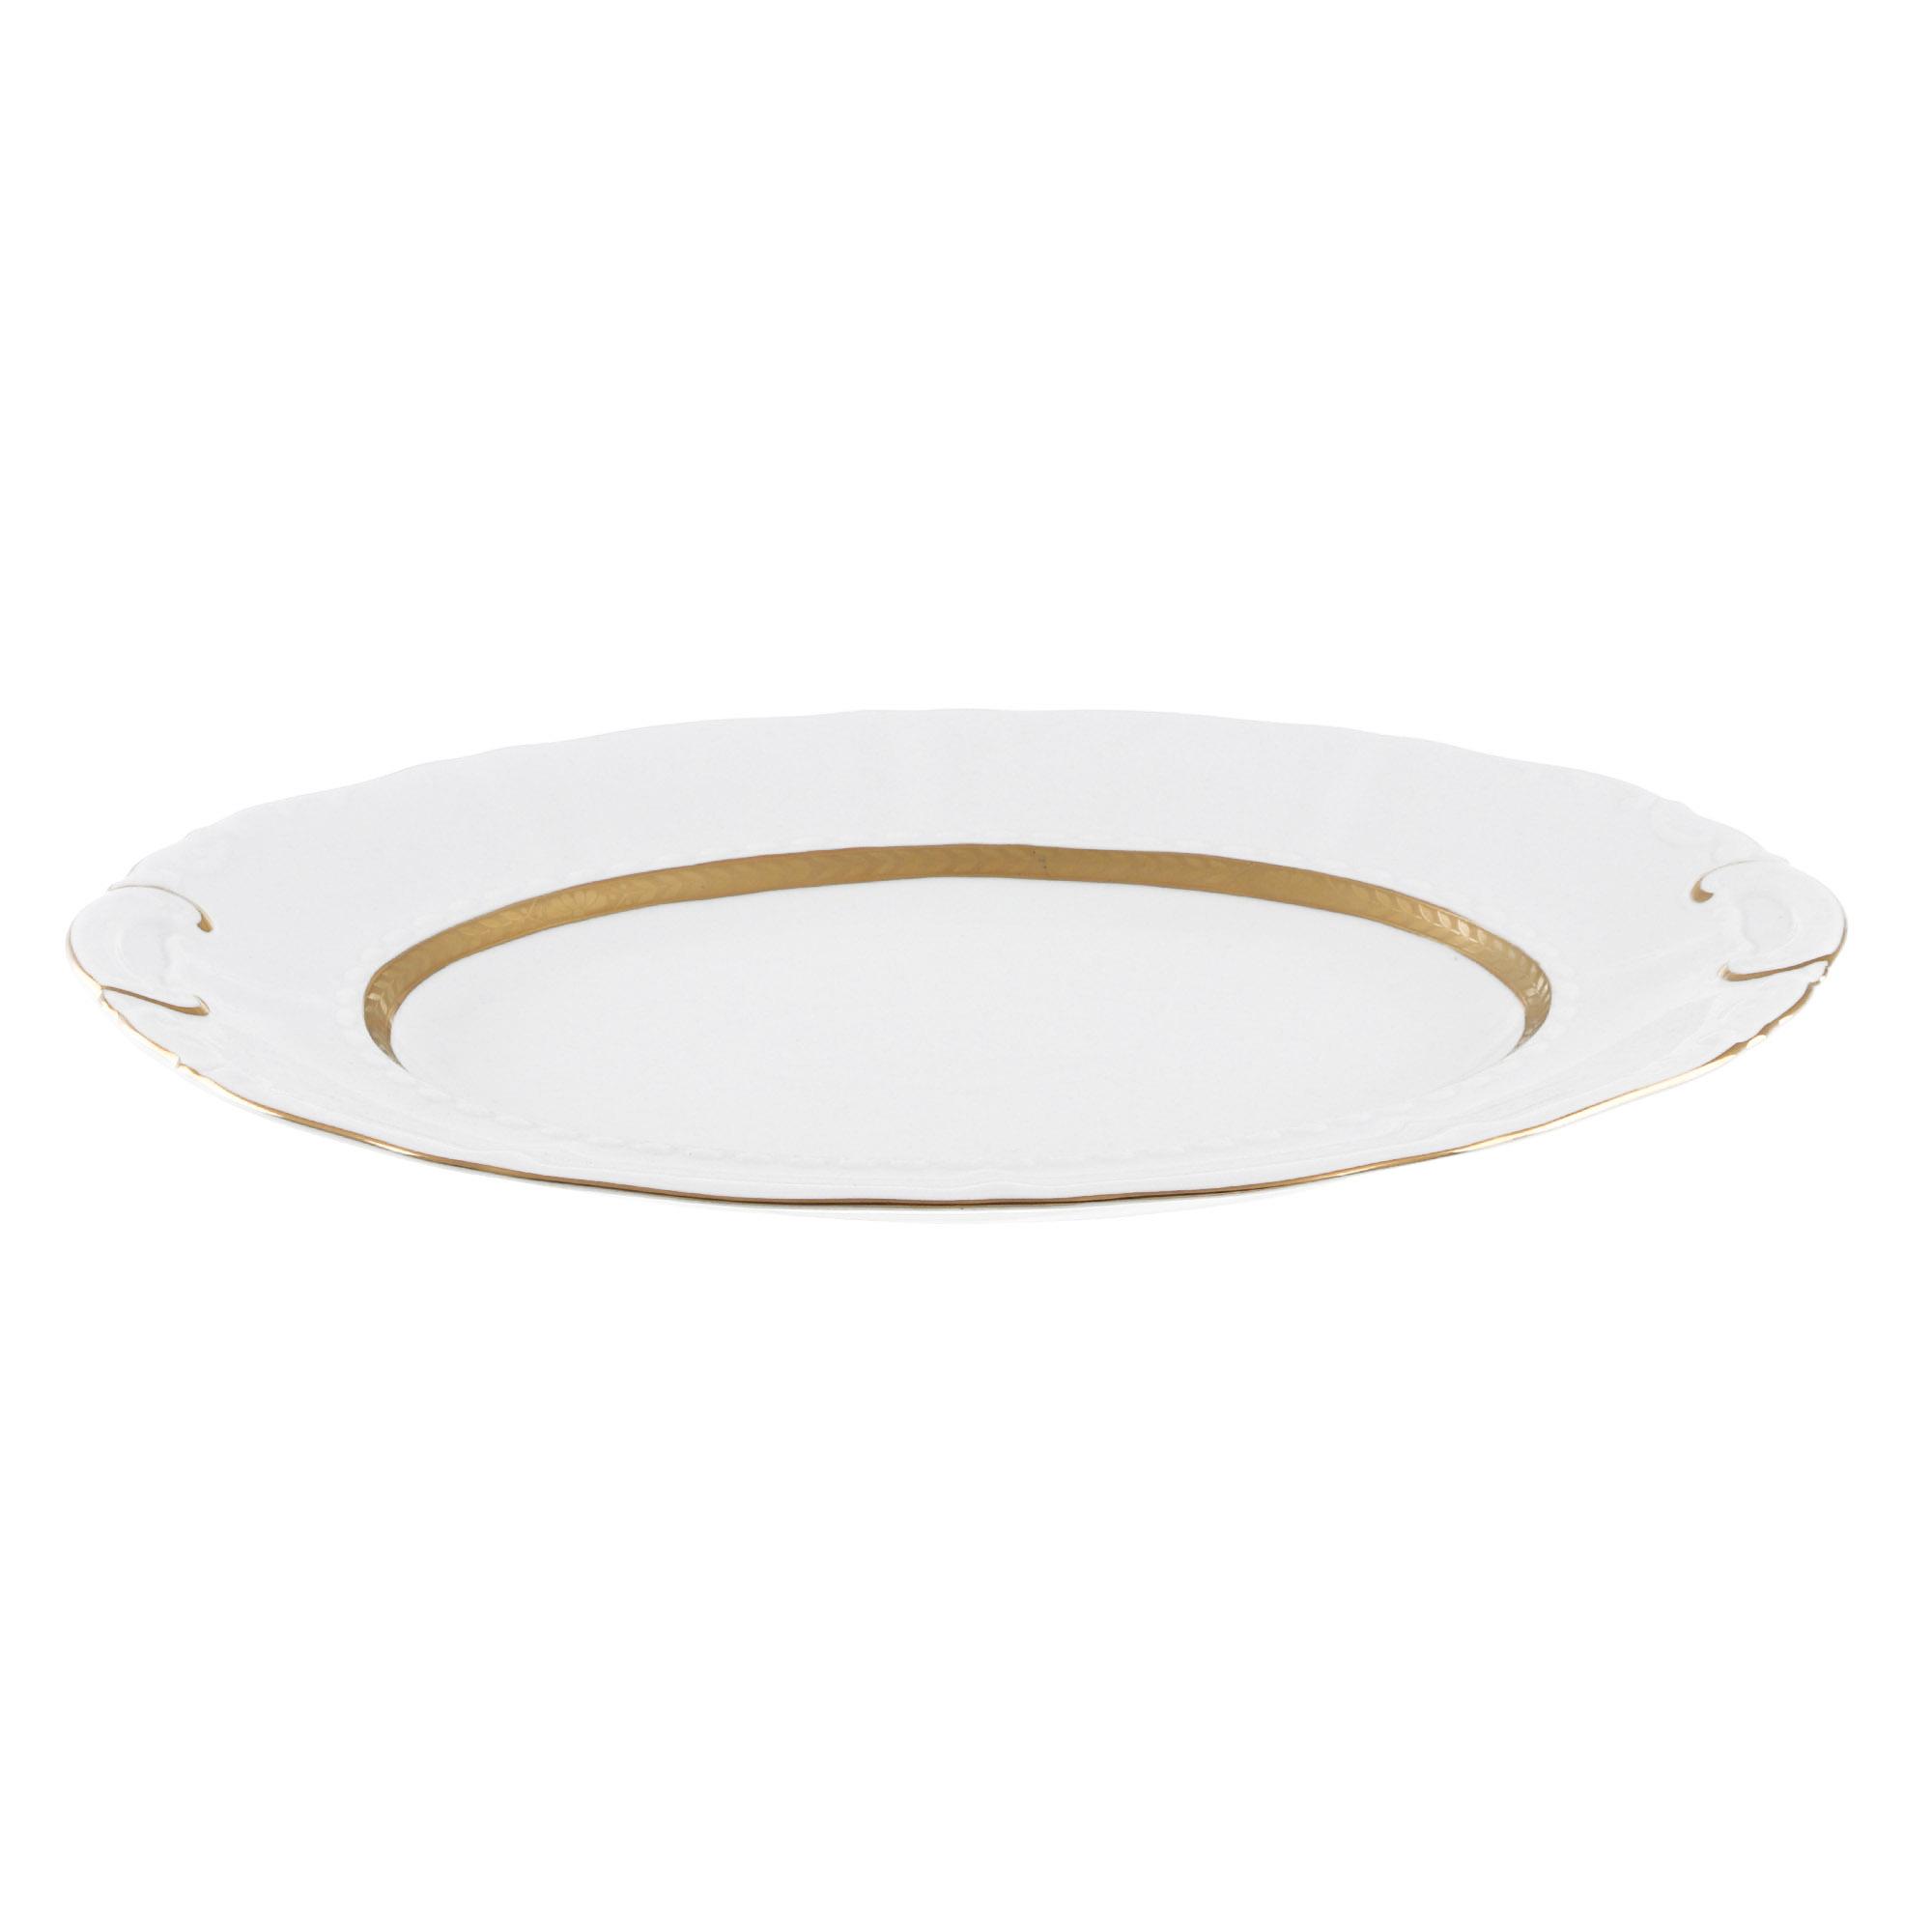 Фото - Блюдо овальное Leander Золотая лента 36 см блюдо овальное 36 см falkenporzellan блюдо овальное 36 см